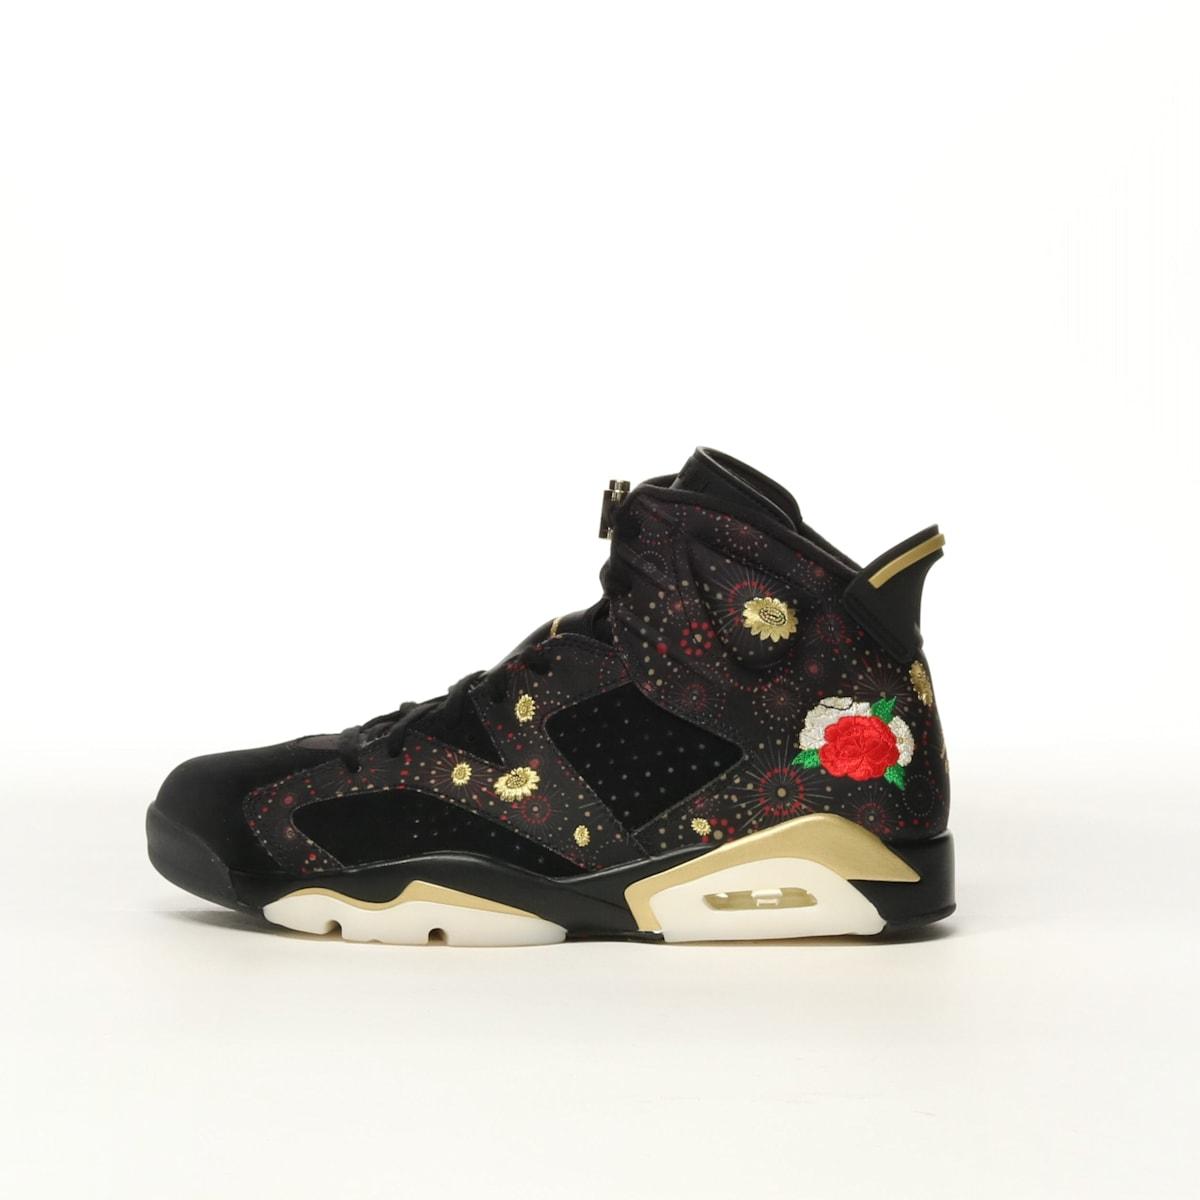 quality design 6bbc6 899bd ... air jordan 6 retro cny.  Actual Shoe